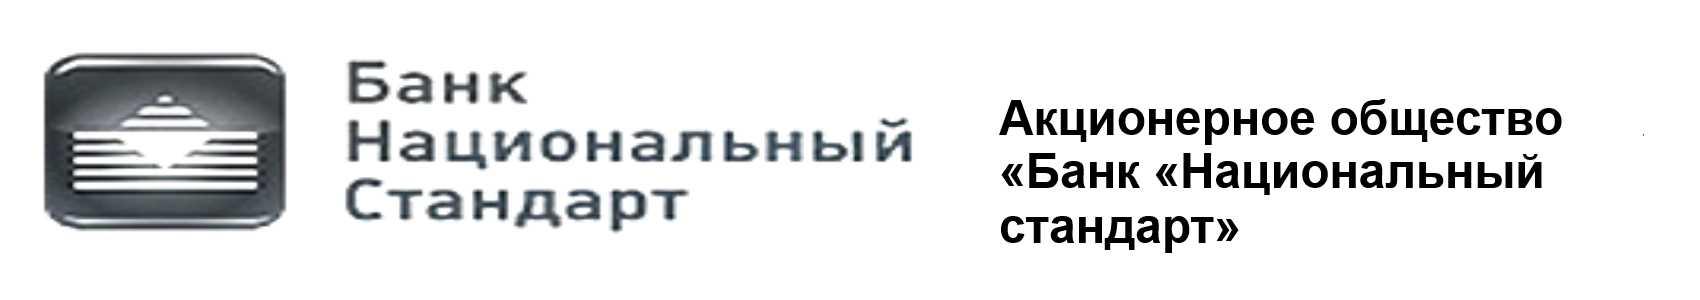 АО «Банк «Национальный стандарт»